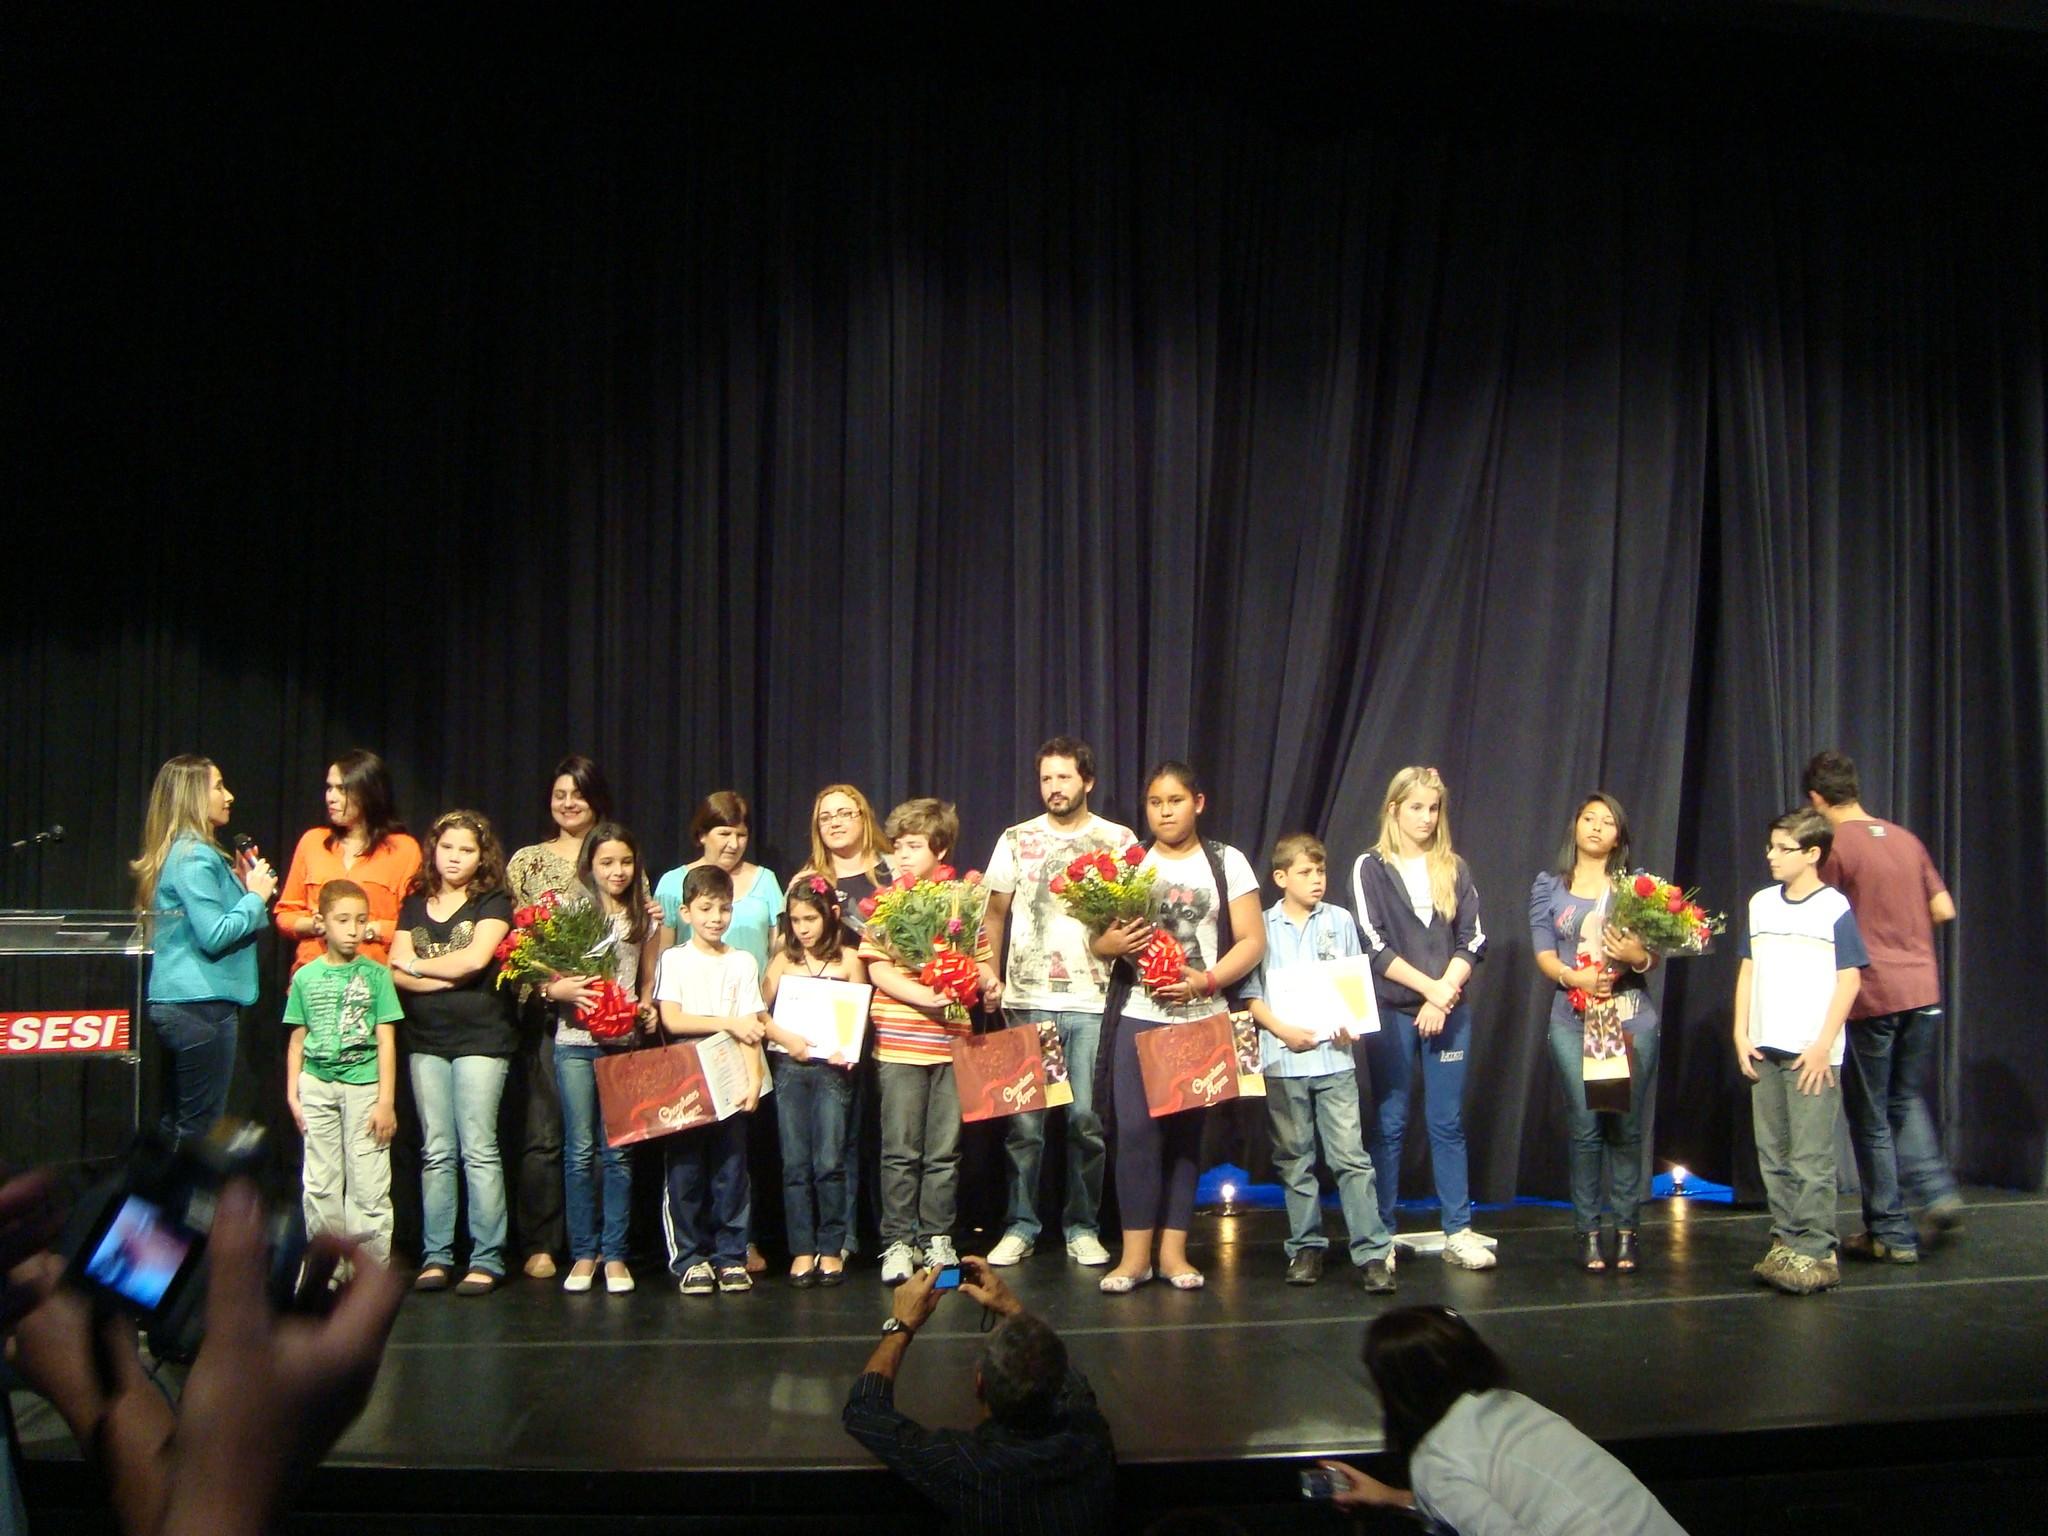 Professores e alunos junto no palco para receber prêmios do Concurso de Redação. (Foto: Deise Voigt / G1)